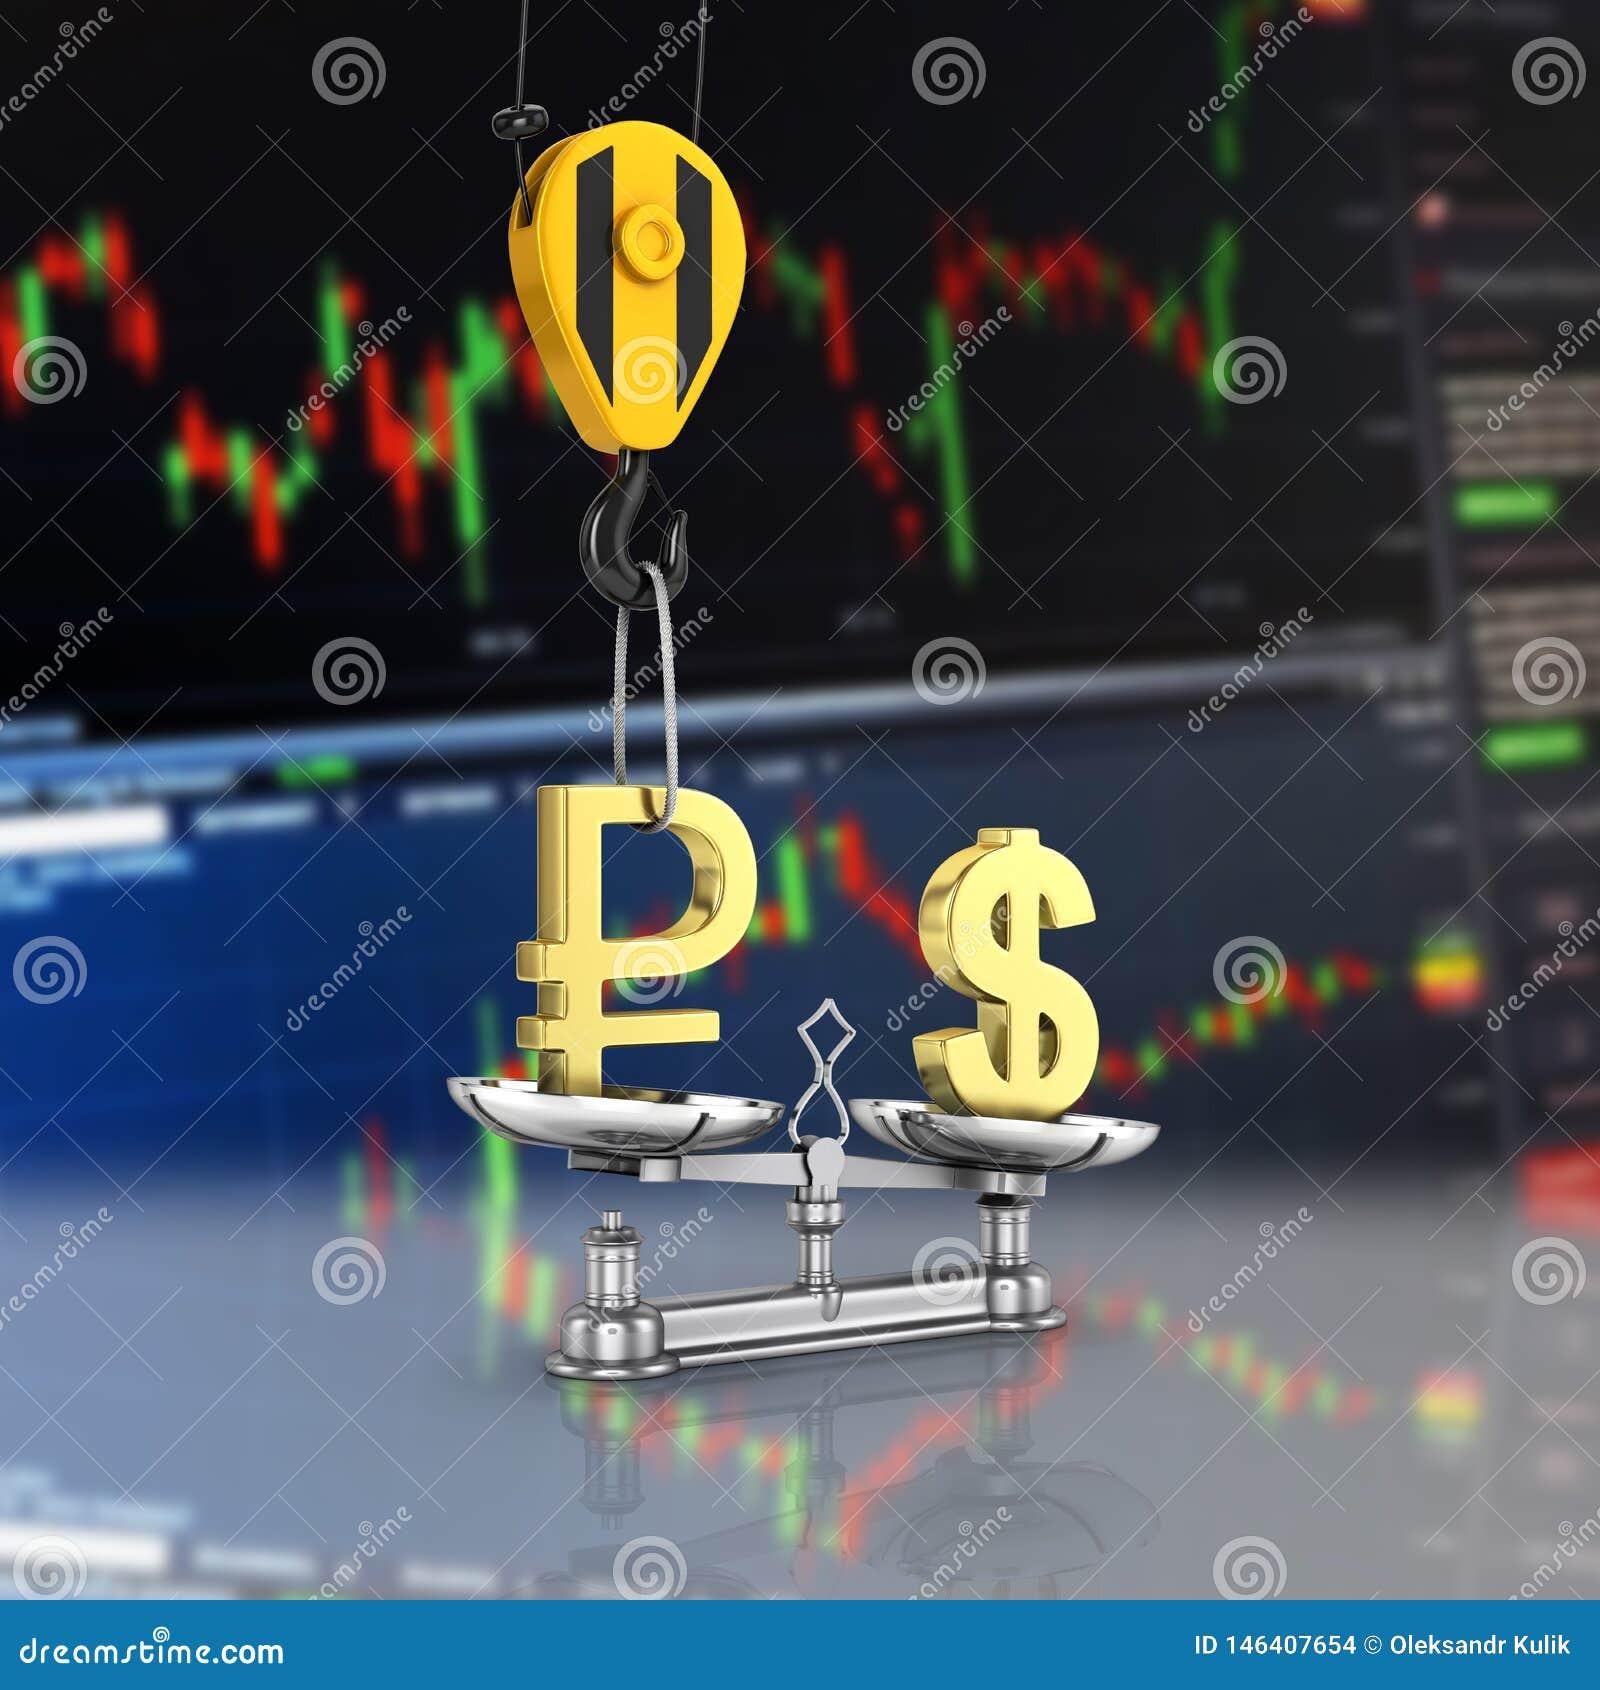 Концепция доллара поддержки курса против рубля кран вытягивает рубль вверх и понижает доллар стерлинговый дальше на фондовой бирж